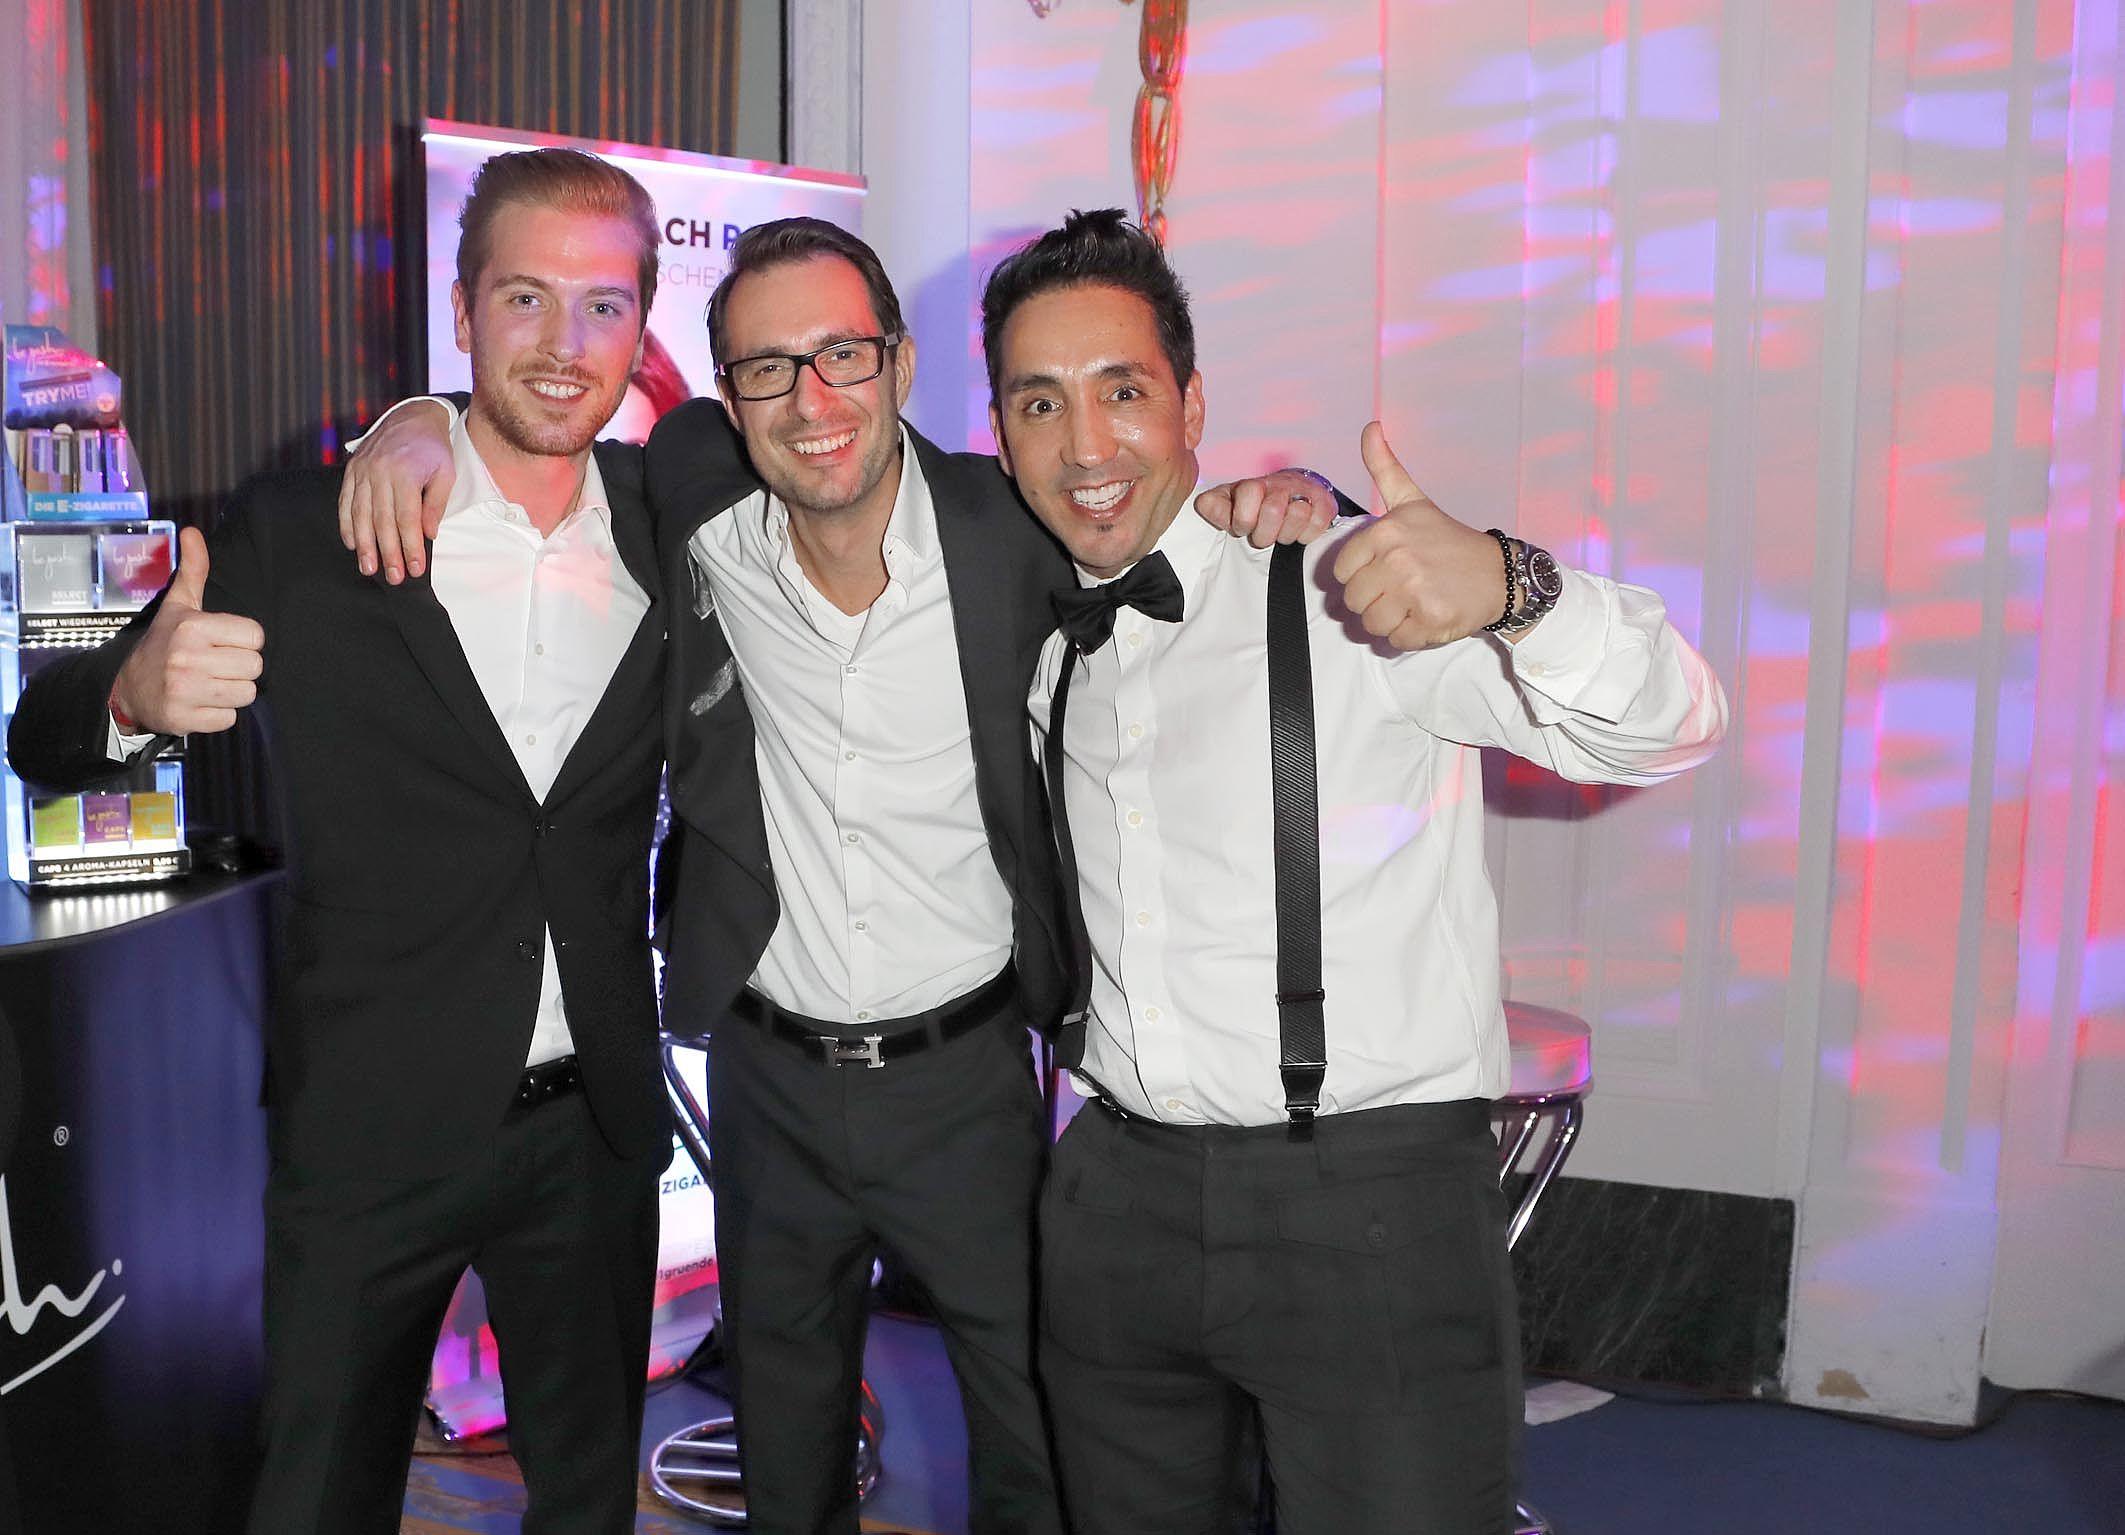 Meet the team - Flo, Timo und Sadik auf der Movie Meets Media in Hamburg